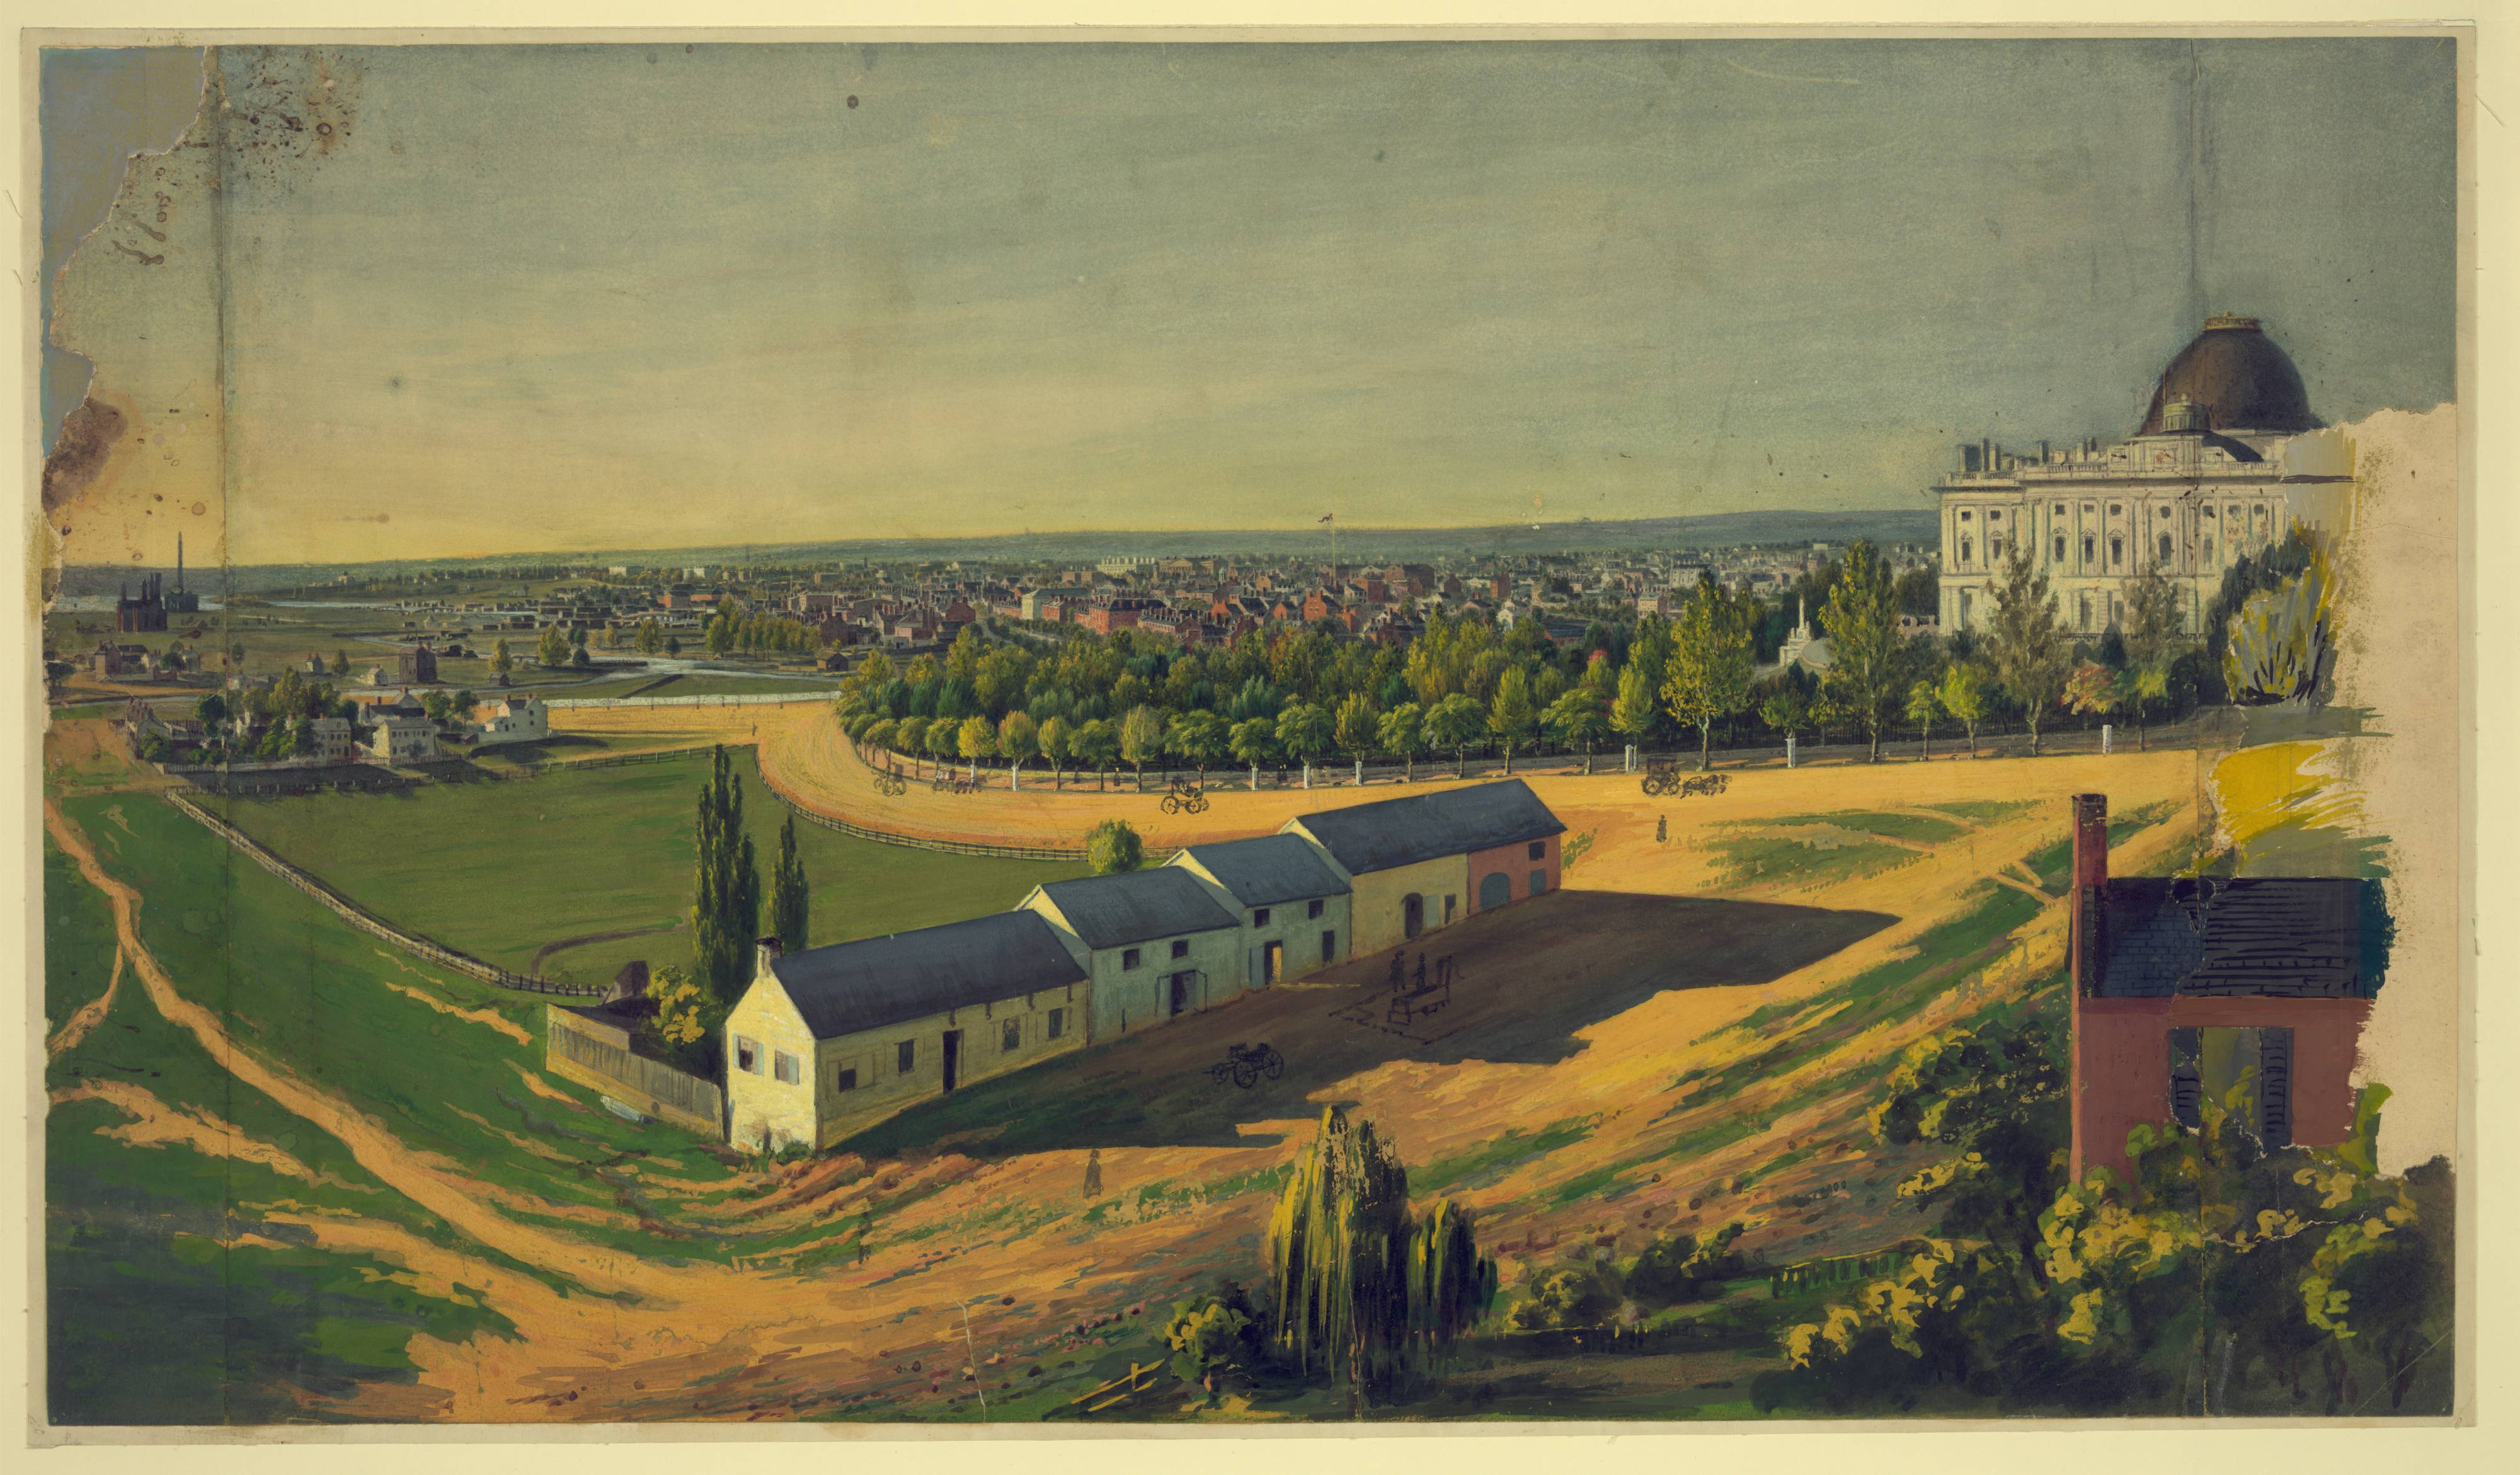 Вашингтон, США, 1846 - 1855 года. Художник Augustus Köllner